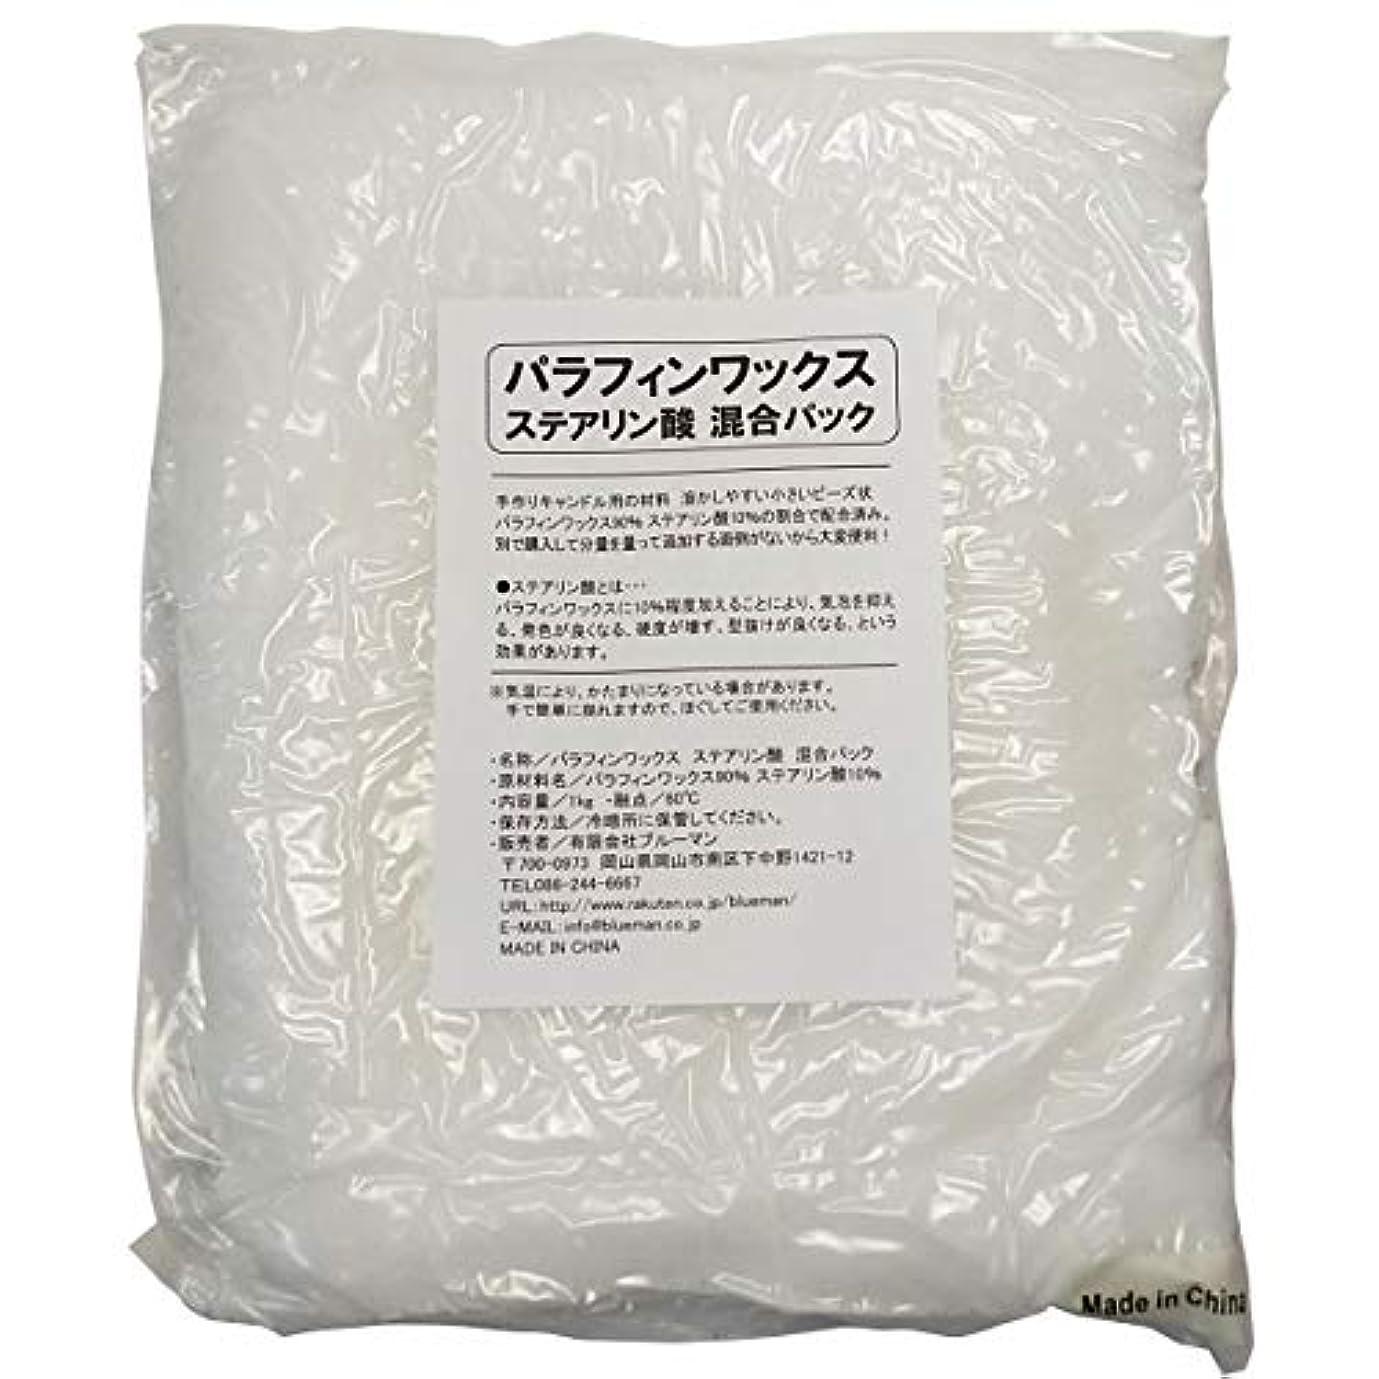 残酷モール泣いているパラフィンワックス ステアリン酸 混合パック 1kg×20袋【20kg 手作りキャンドル 材料 20キロ】